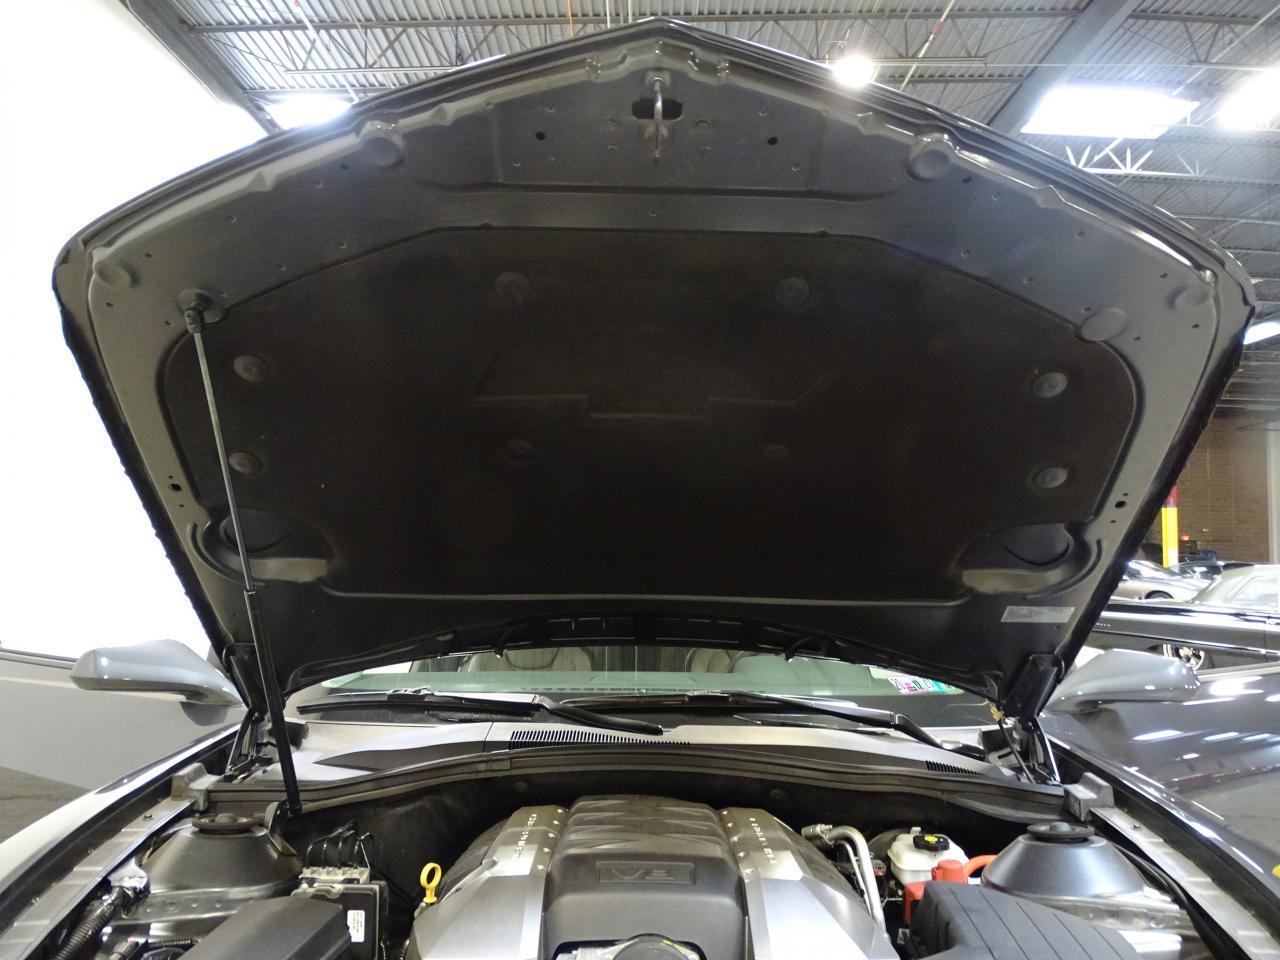 2010 Chevrolet Camaro SS (CC-1342581) for sale in O'Fallon, Illinois